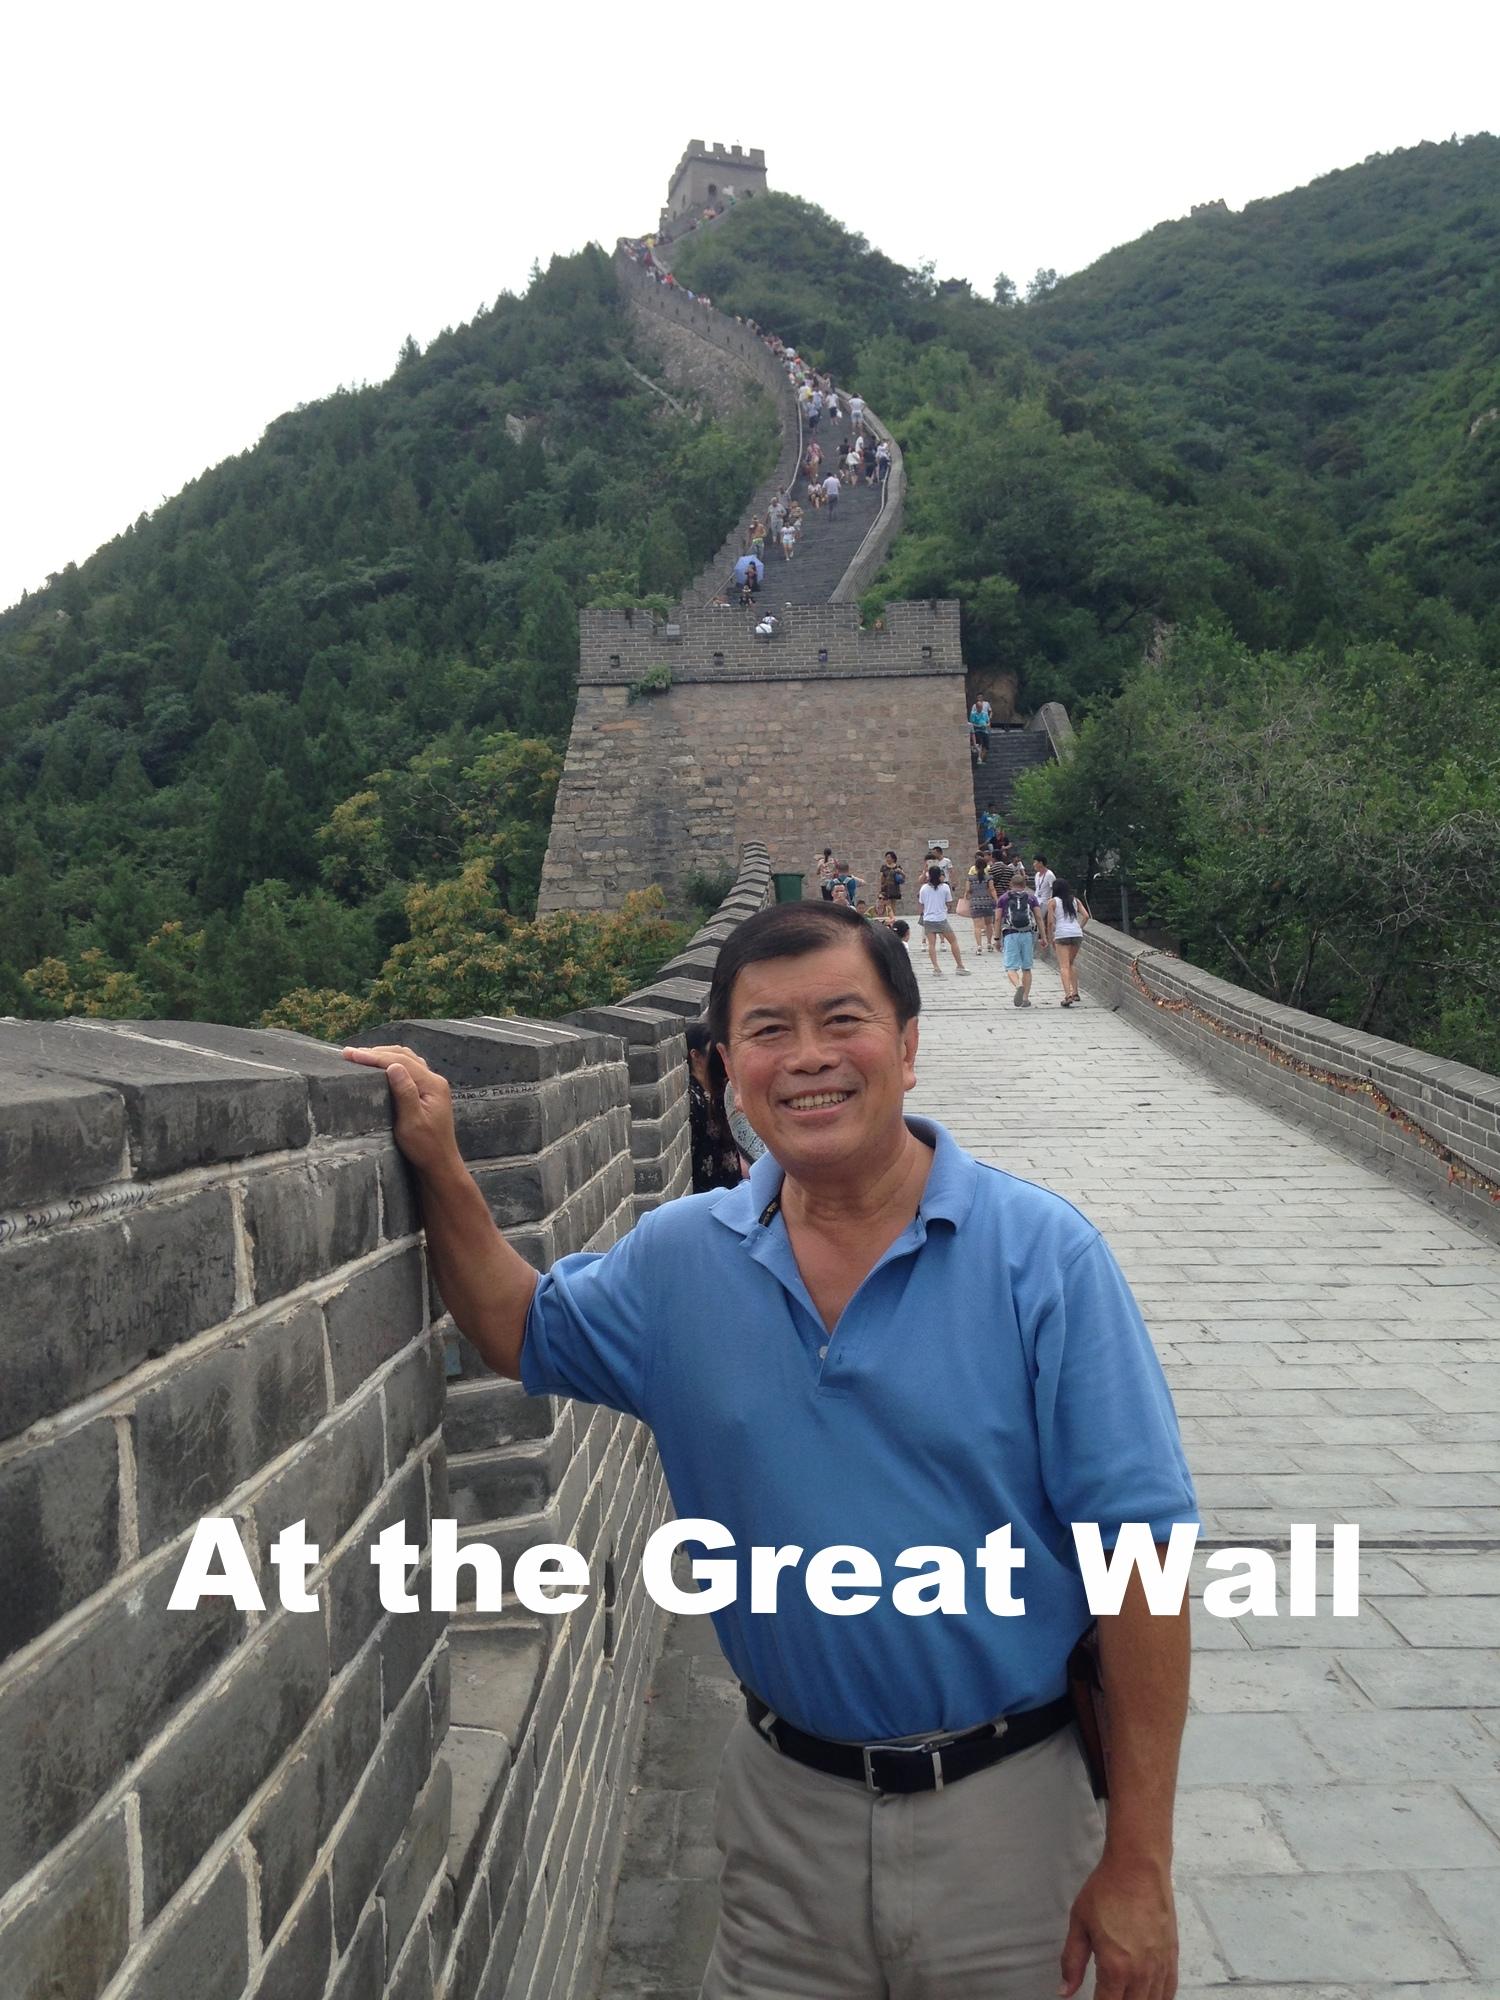 David Wu at the Great Wall